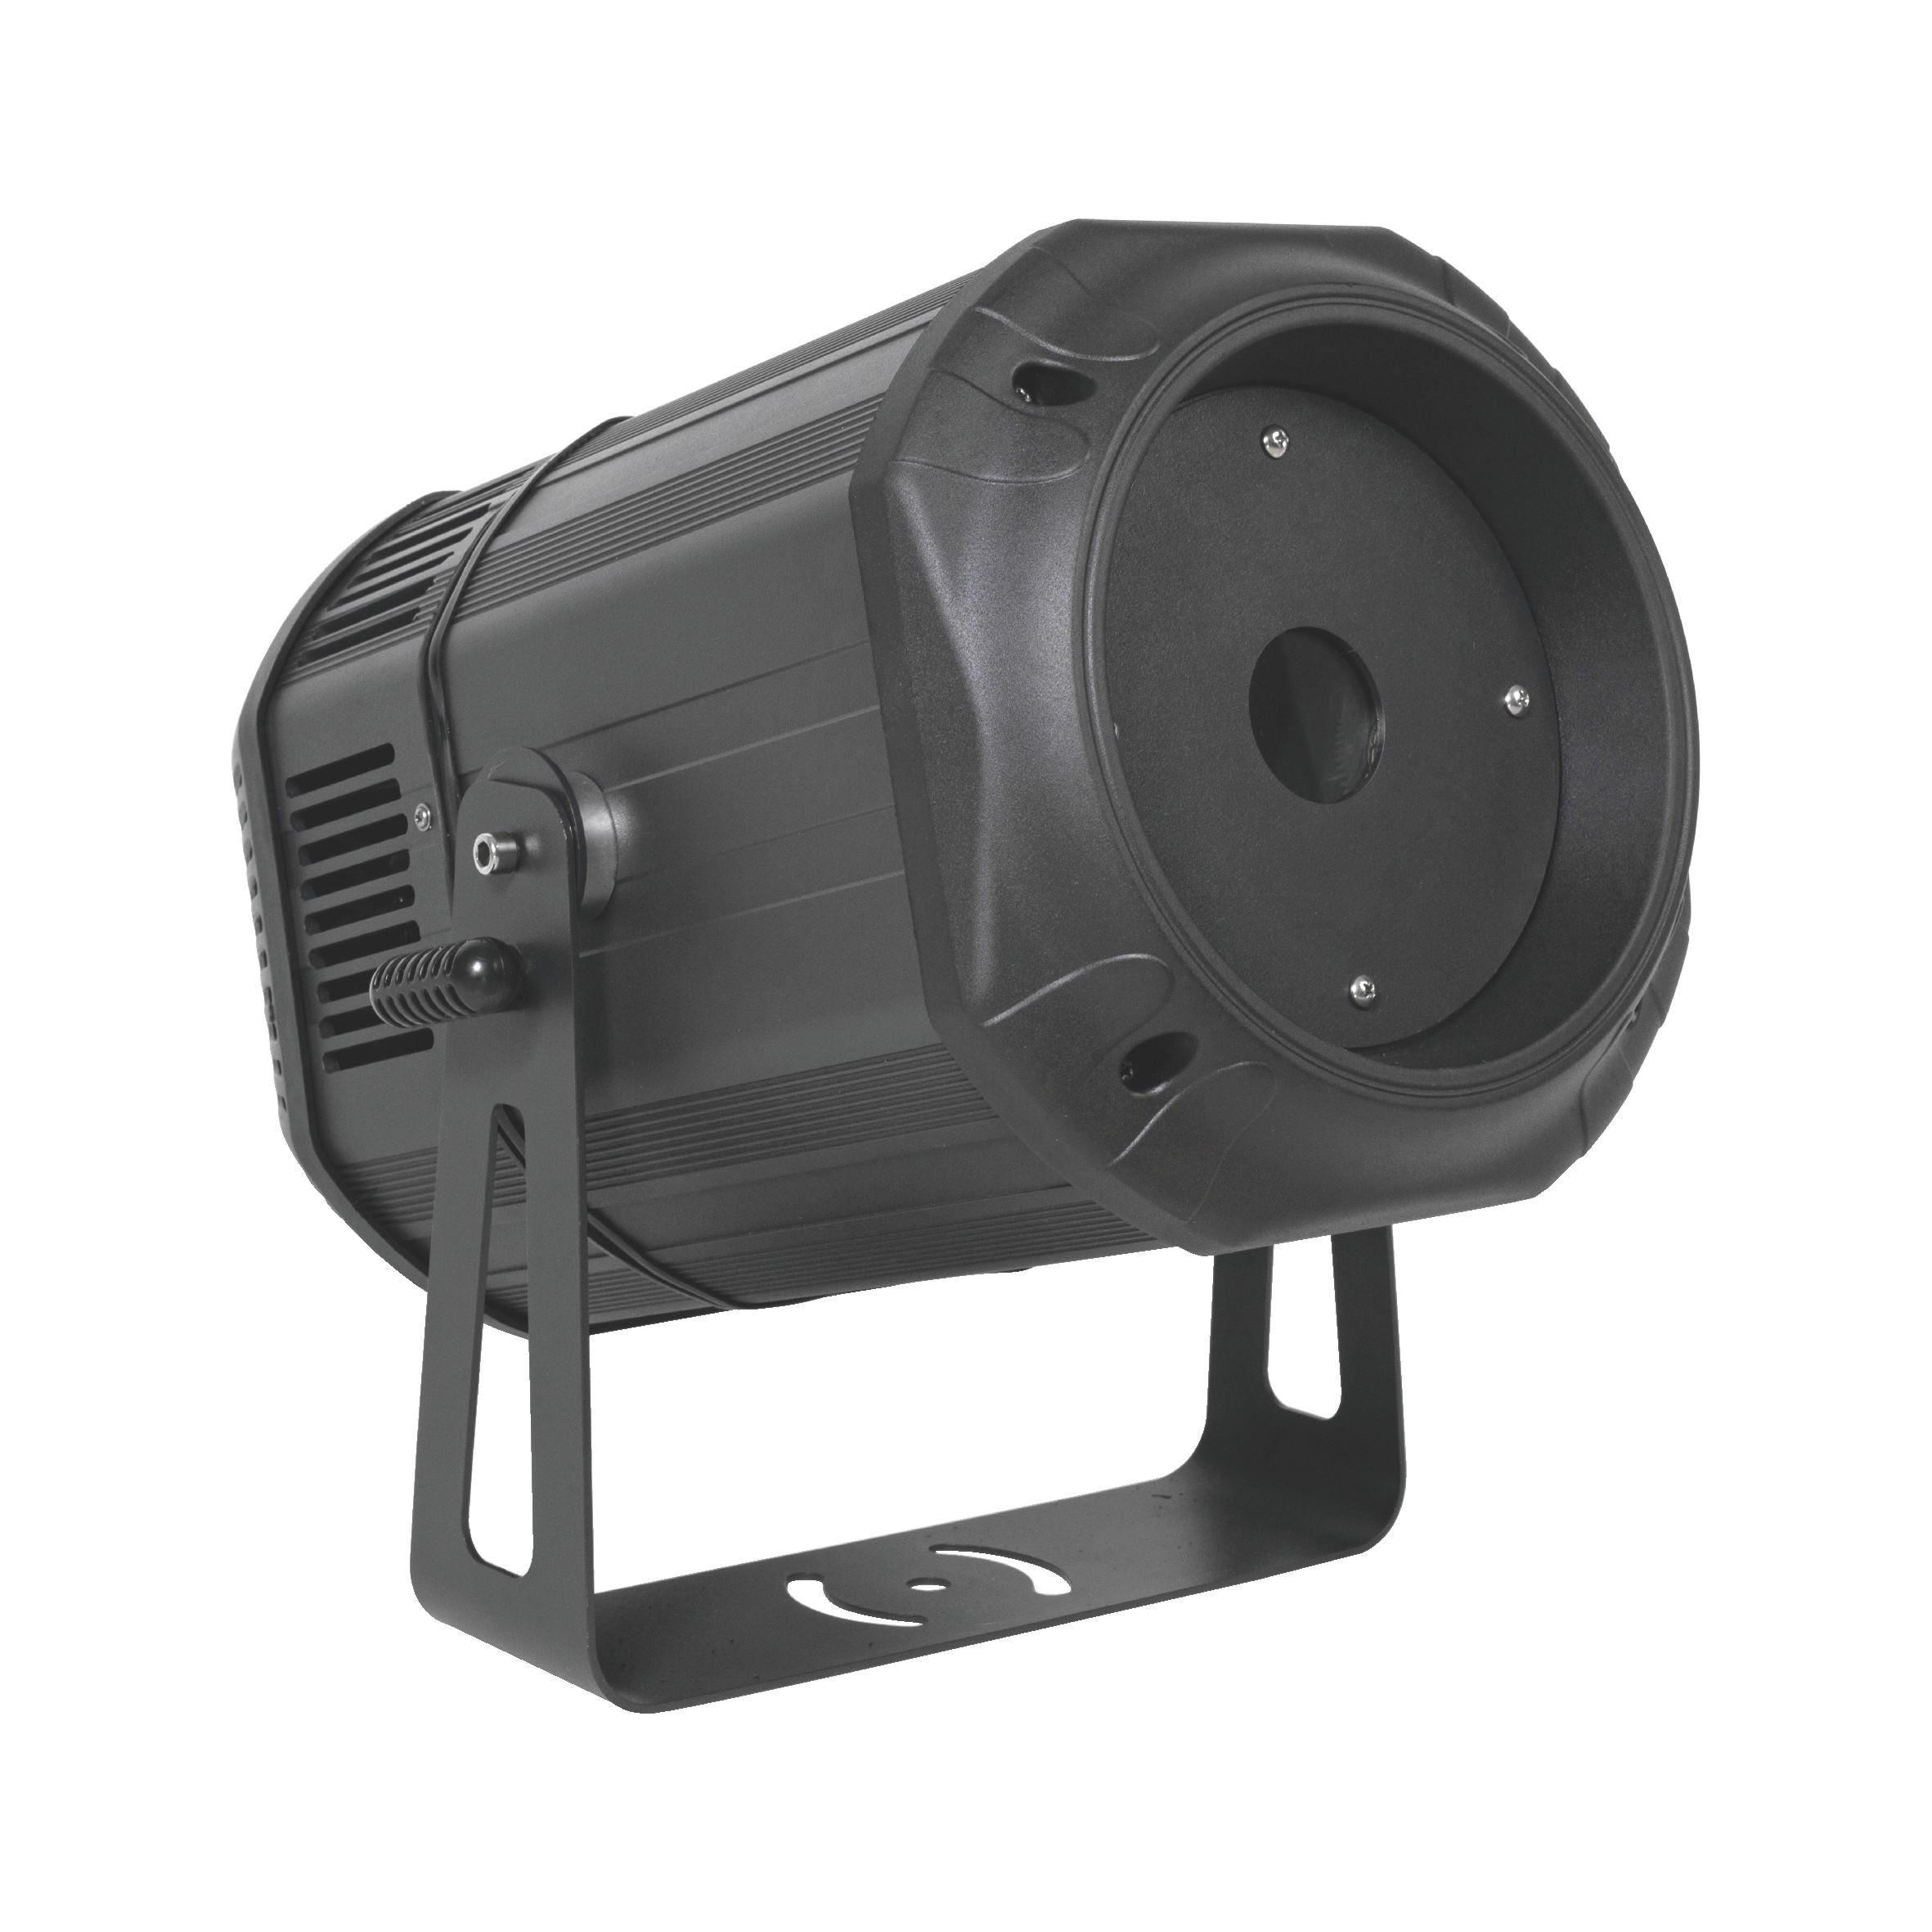 LED户外动态特效投影灯(LOGO)  KY-LG120D/KY-LG180D/KY-LG230D/KY-LG350DT